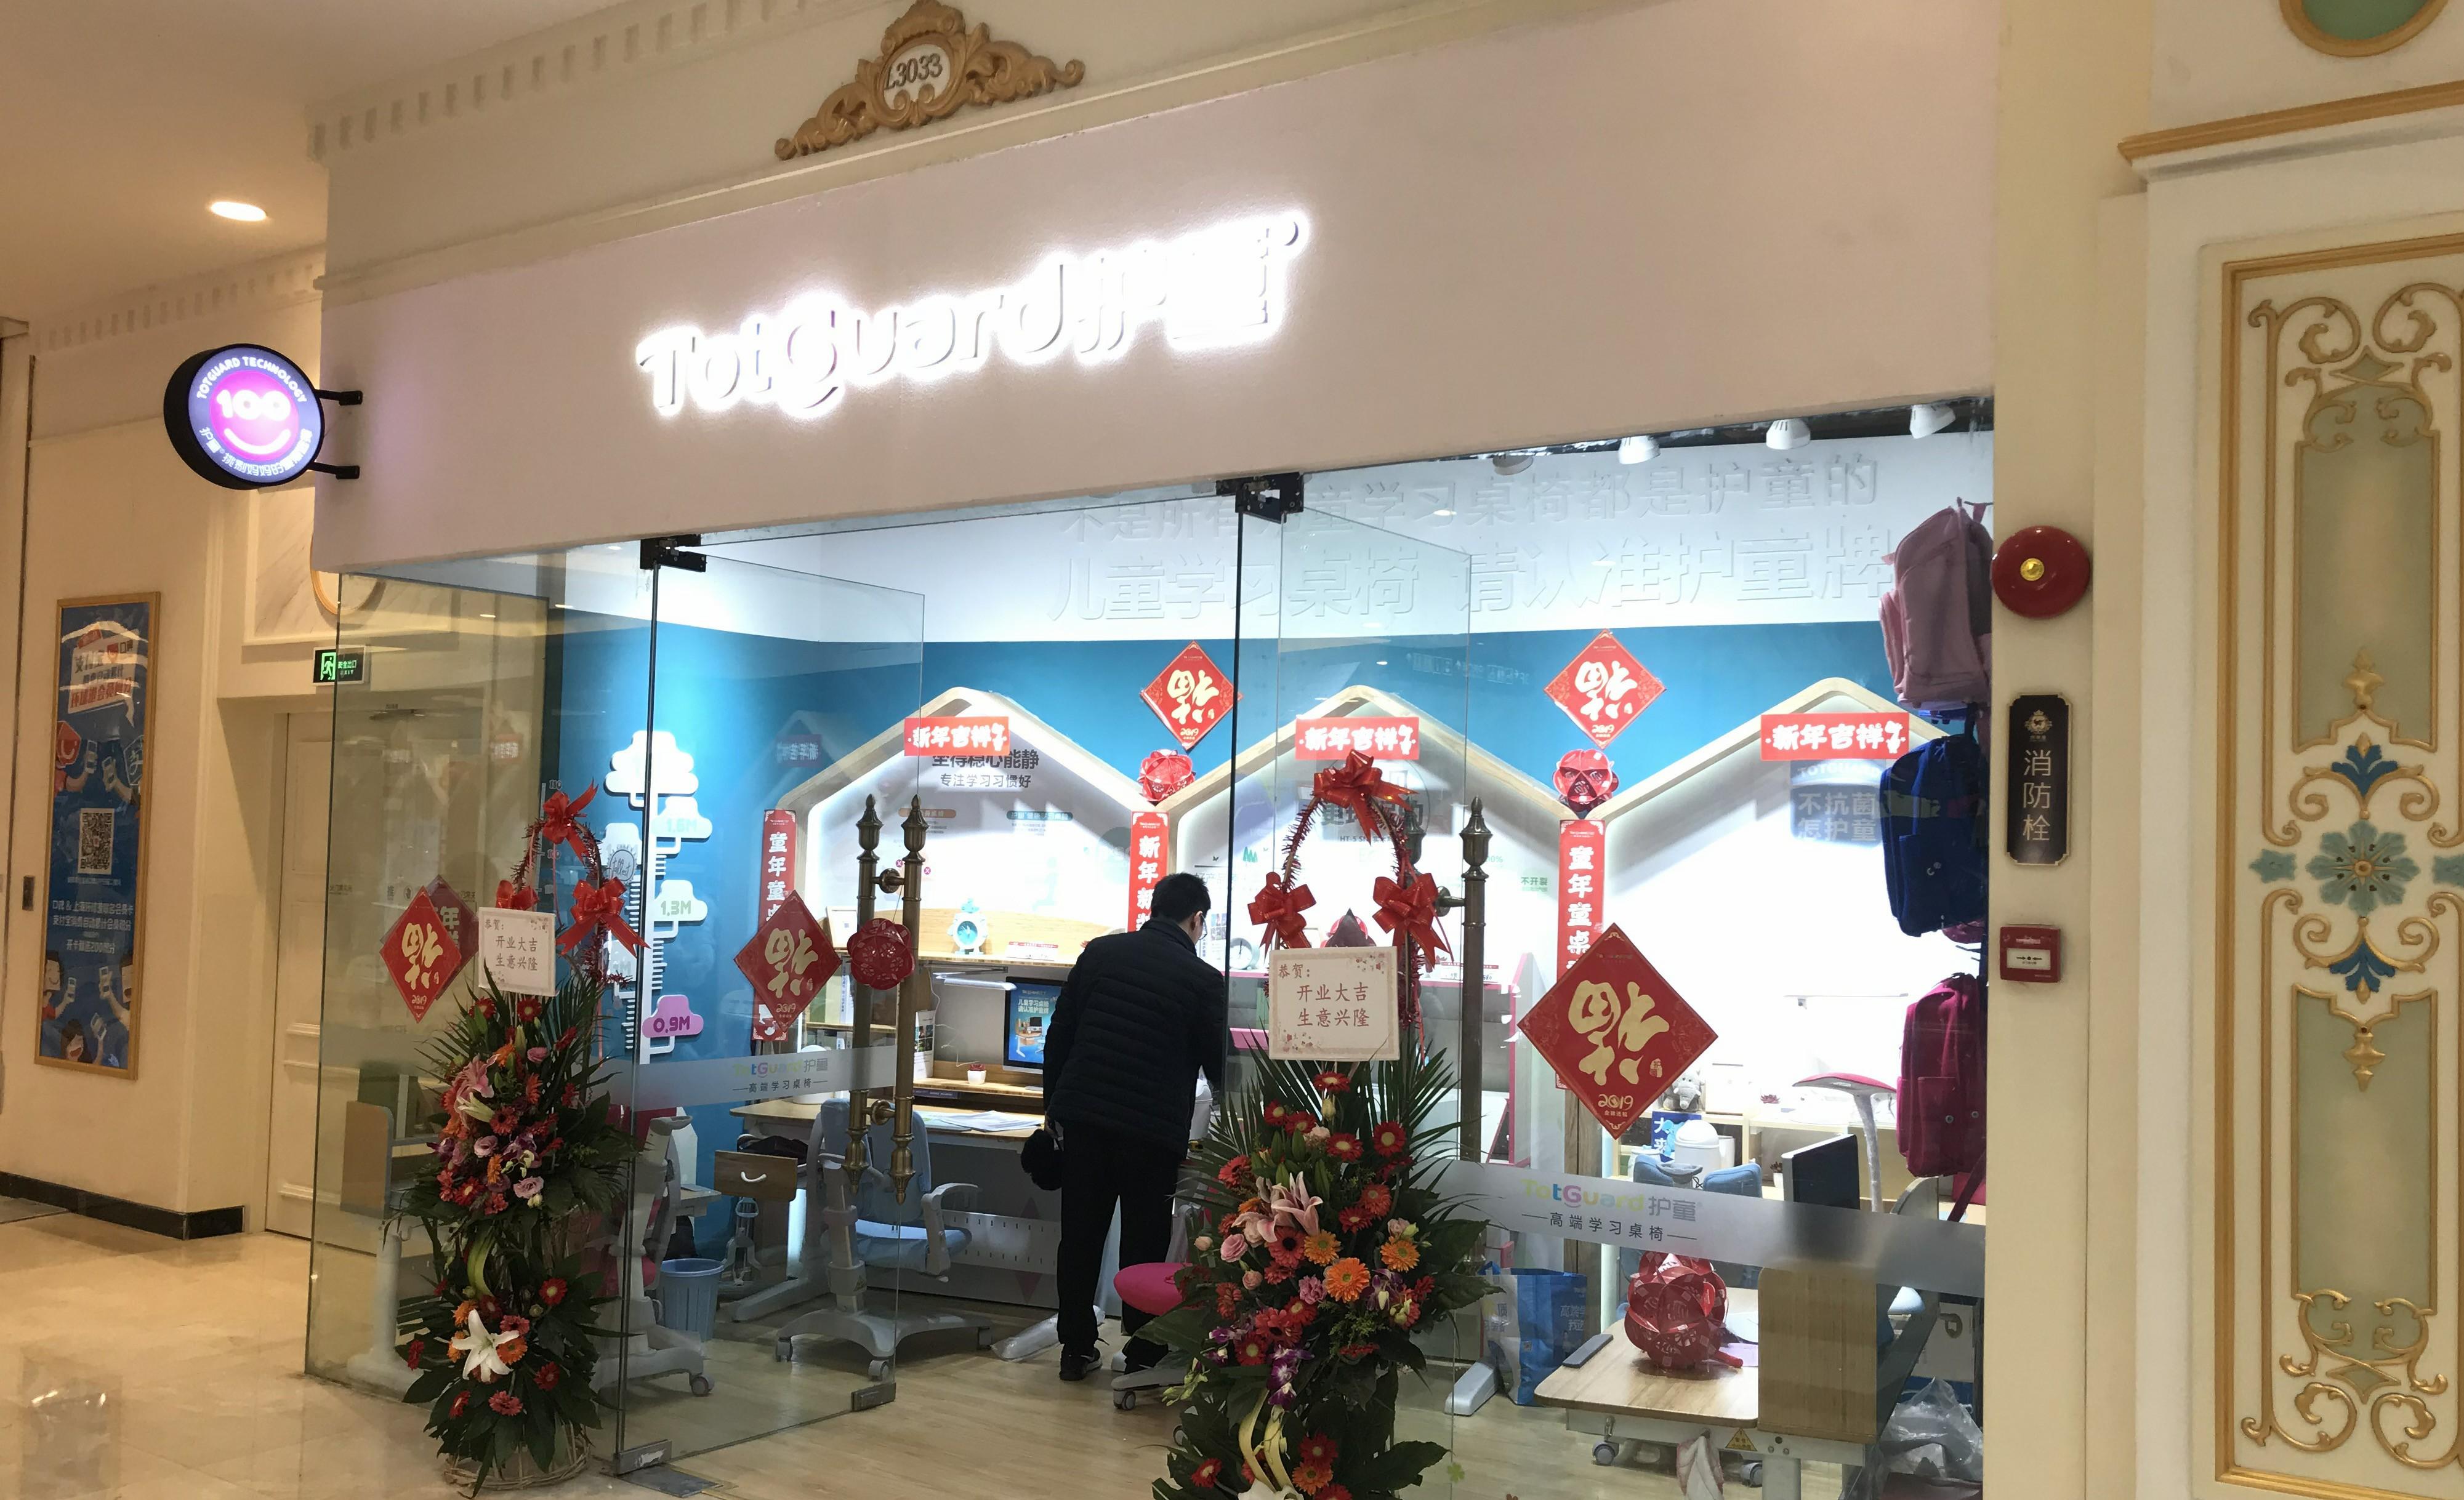 热烈祝贺护童第1607家上海月星环球港护童专柜盛大开业!